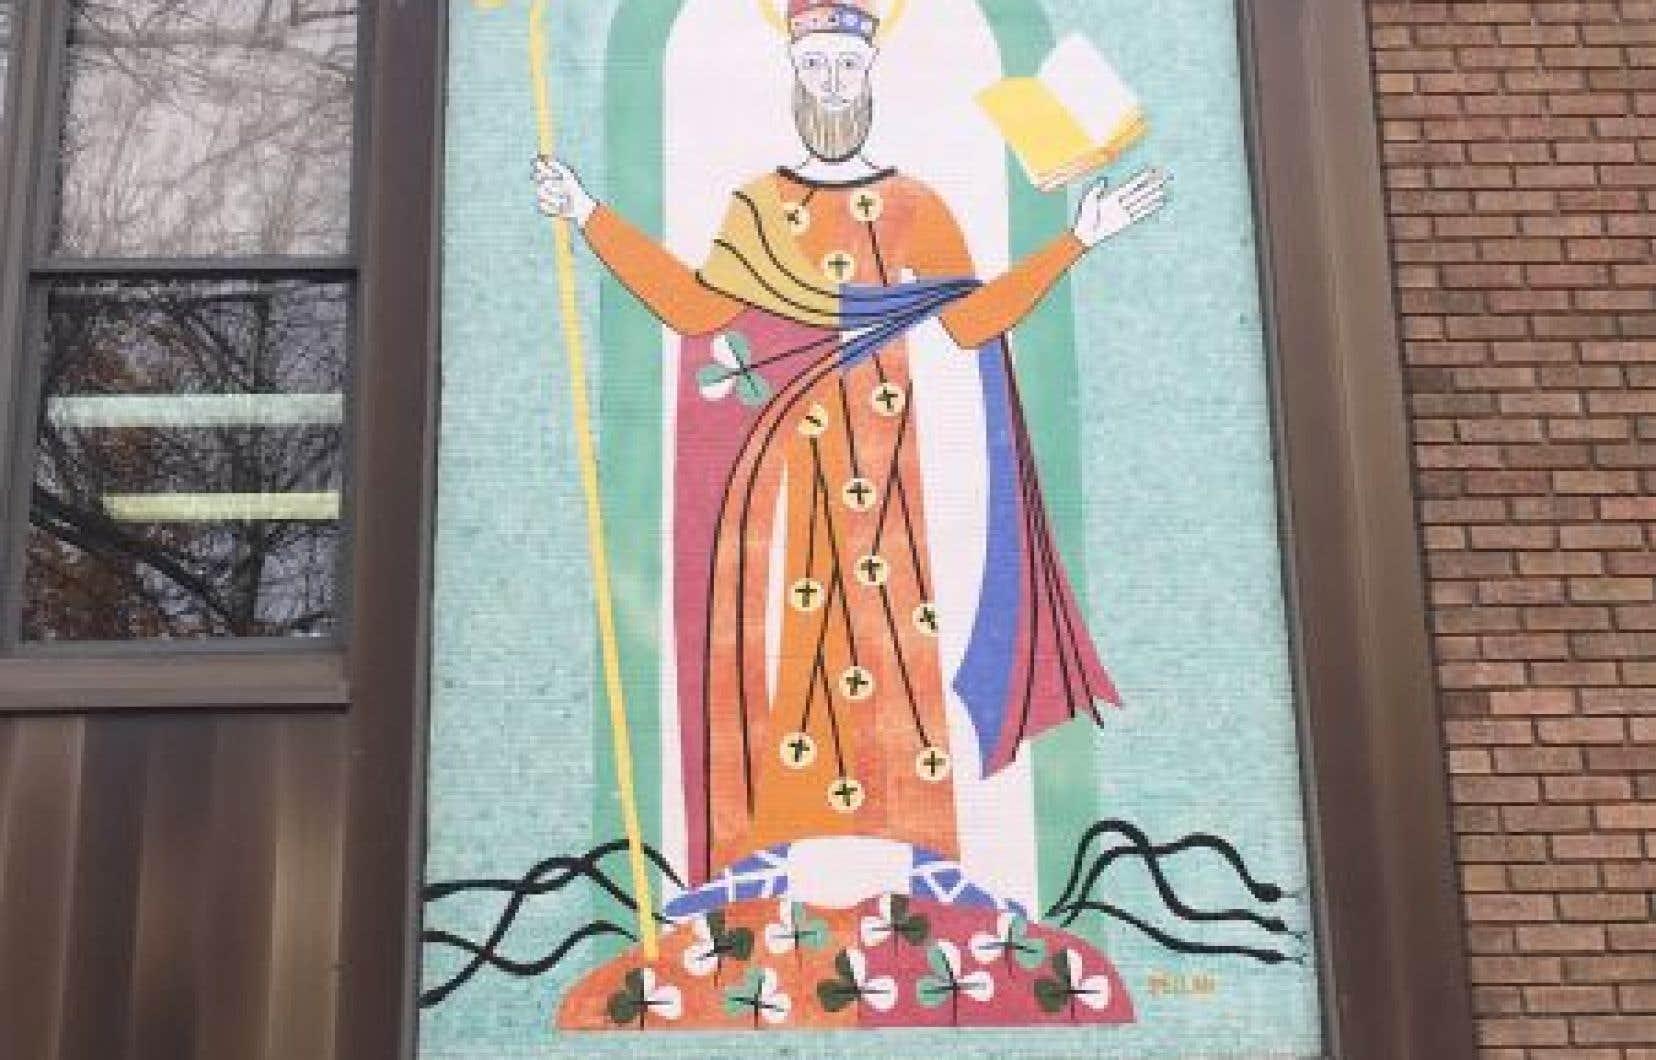 La murale s'inspire des enluminures du Haut Moyen Âge.